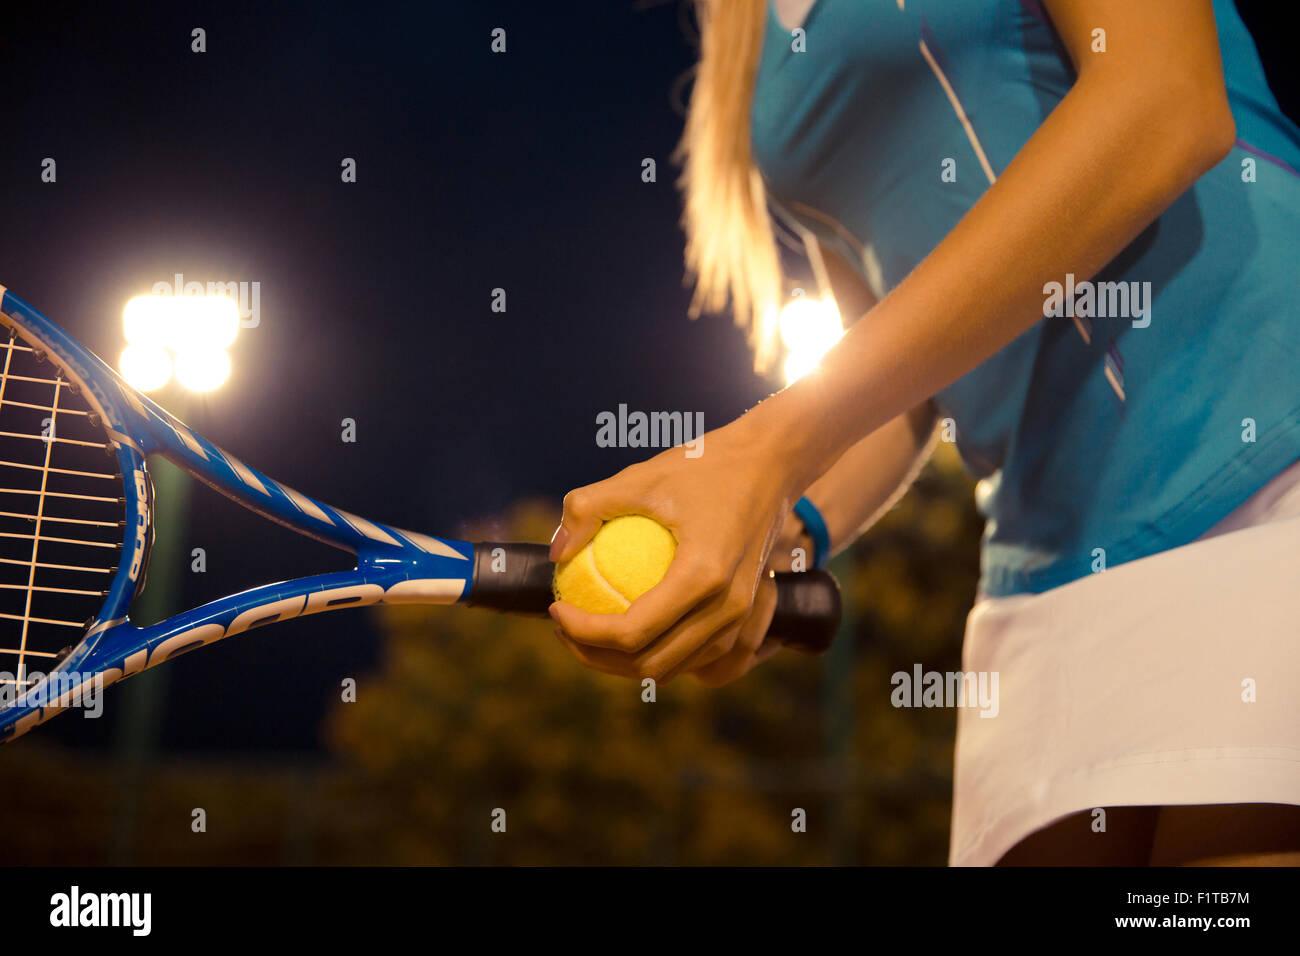 Closeup ritratto di una femmina di giocatore di tennis Racchetta di contenimento e la sfera Immagini Stock